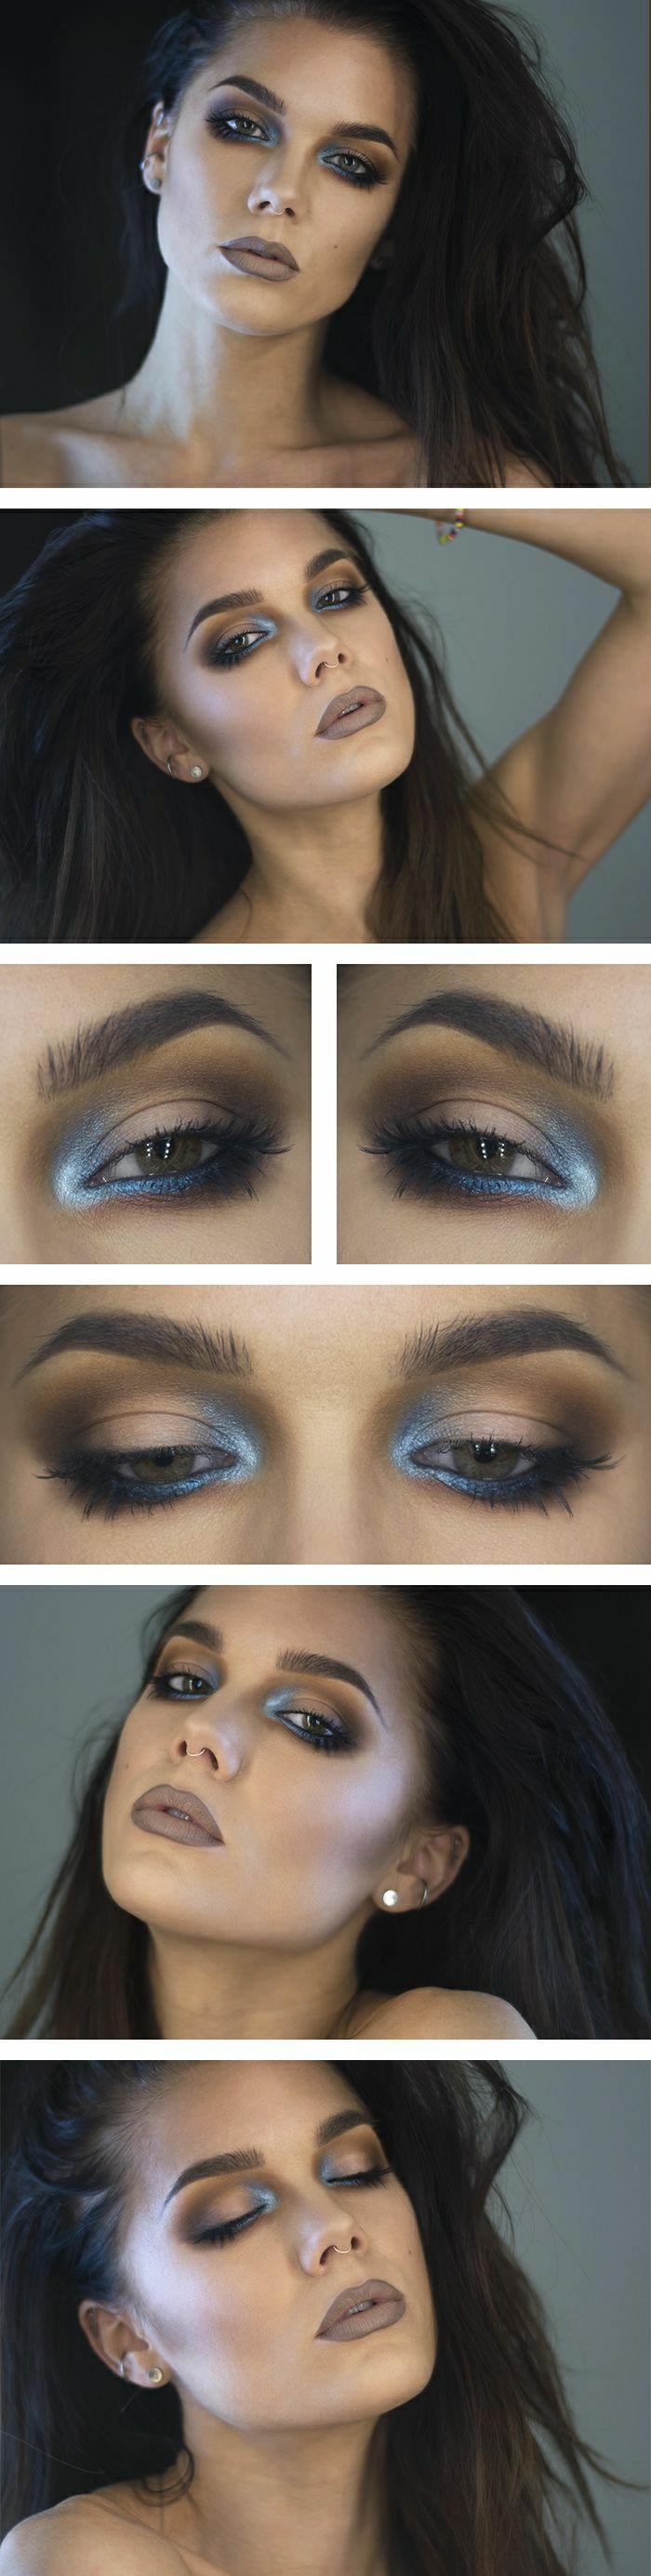 maquillage-des-yeux-marrons-idées-soirée